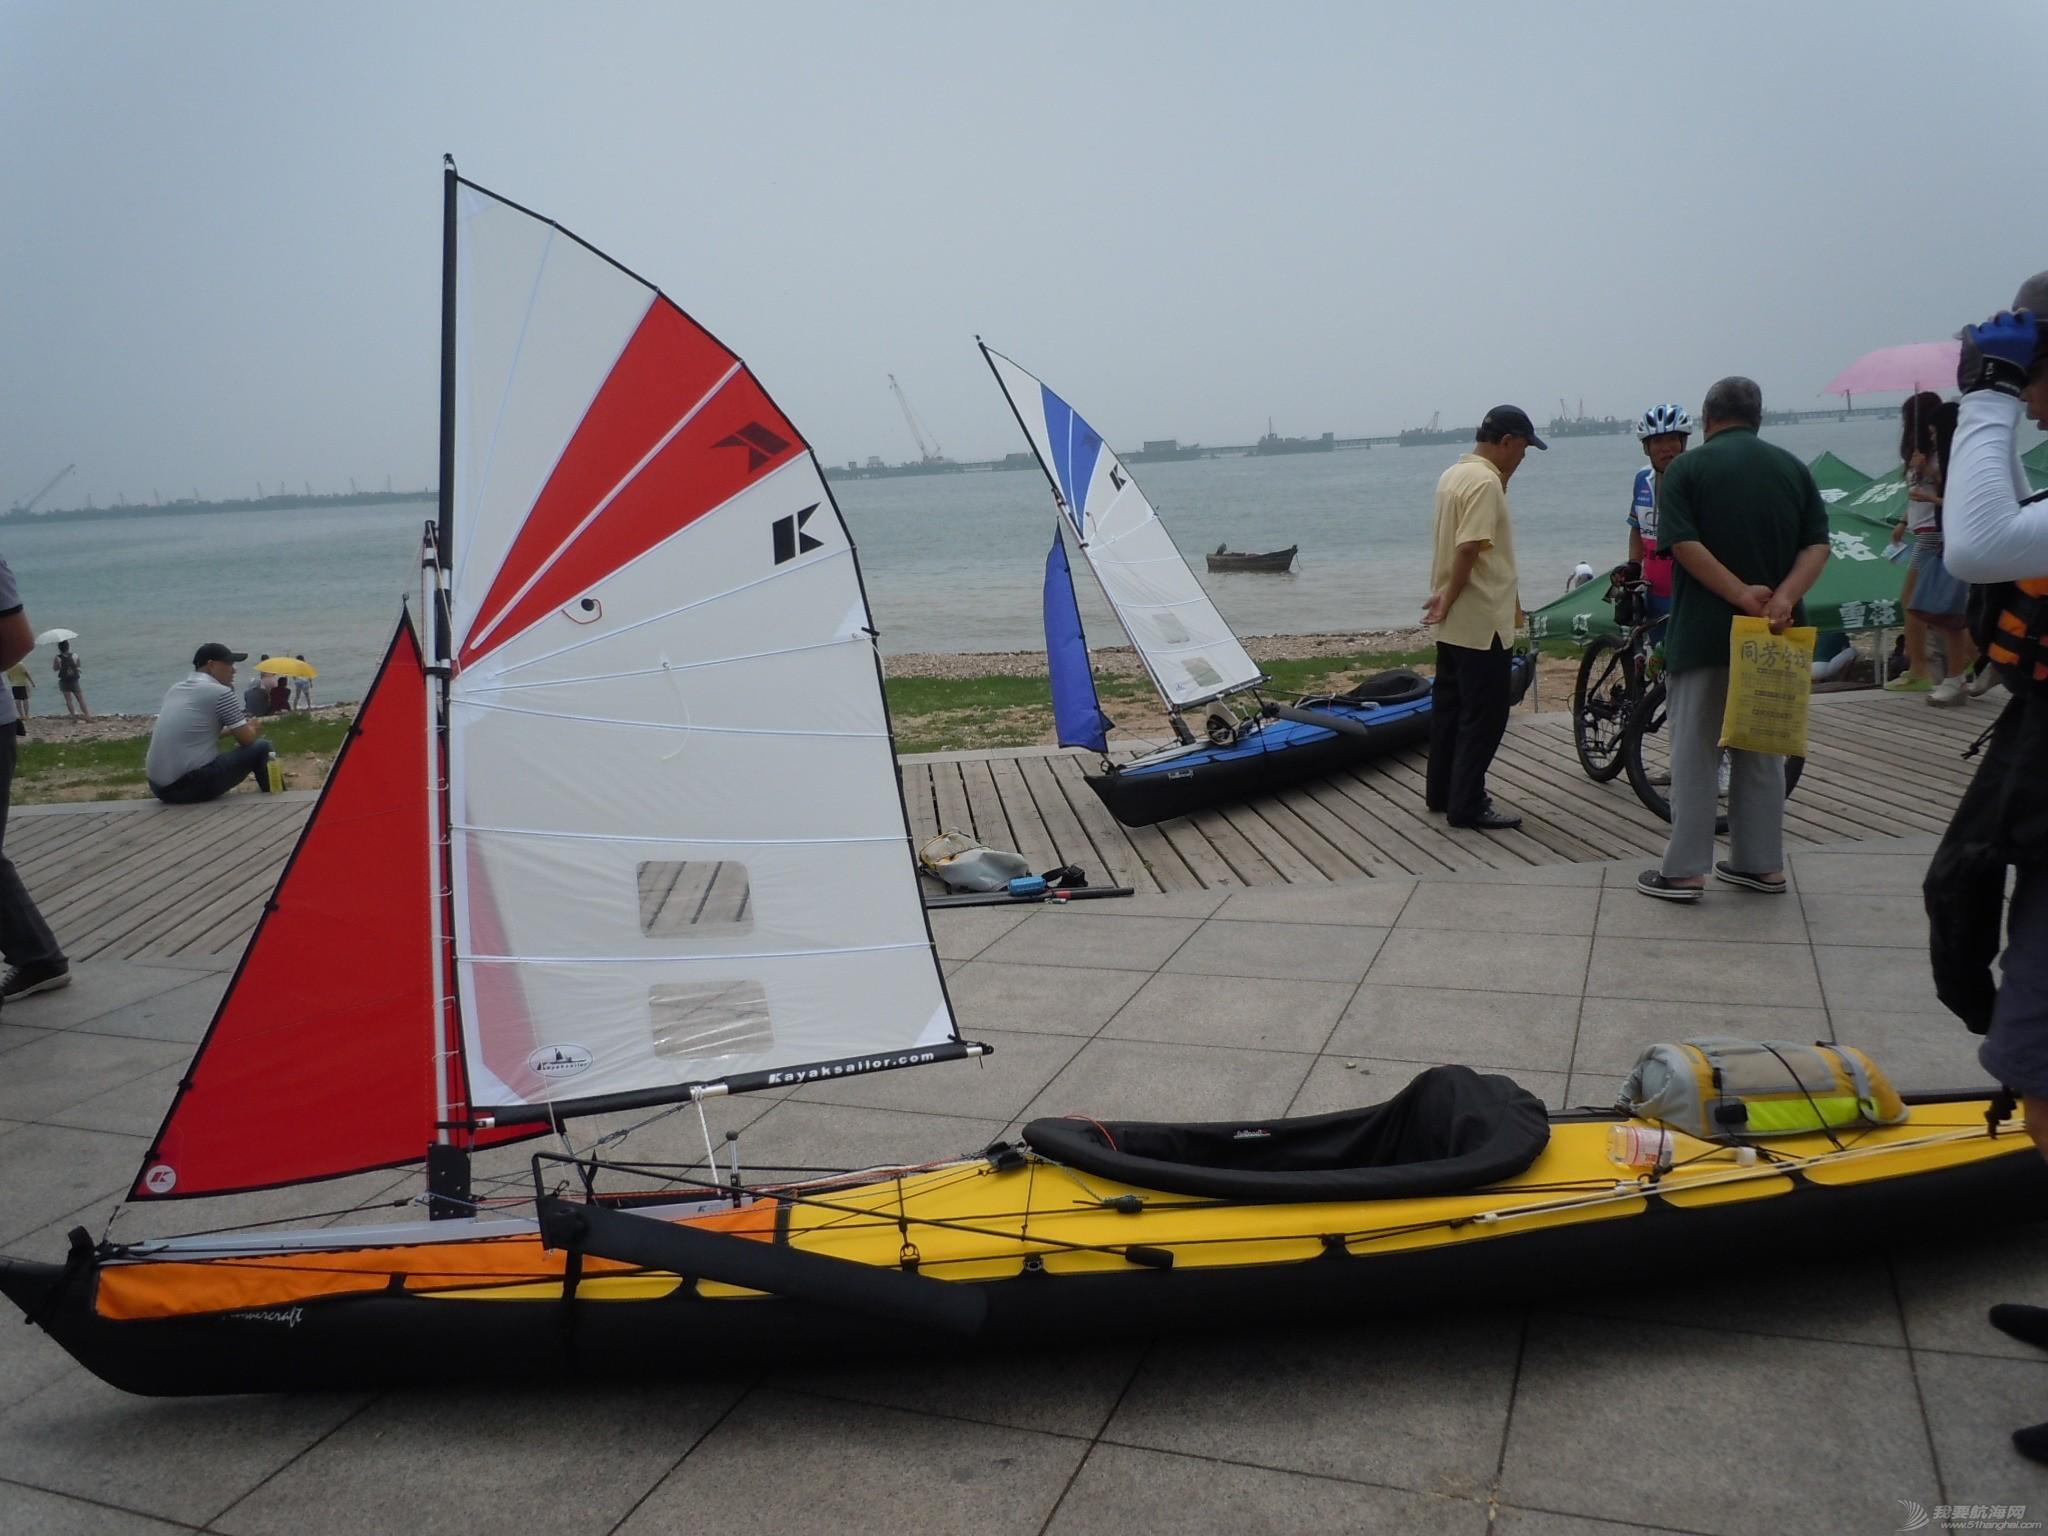 皮划艇 单人皮划艇能自己加上小帆么? 013714s8n8enx31q4ey735.jpg